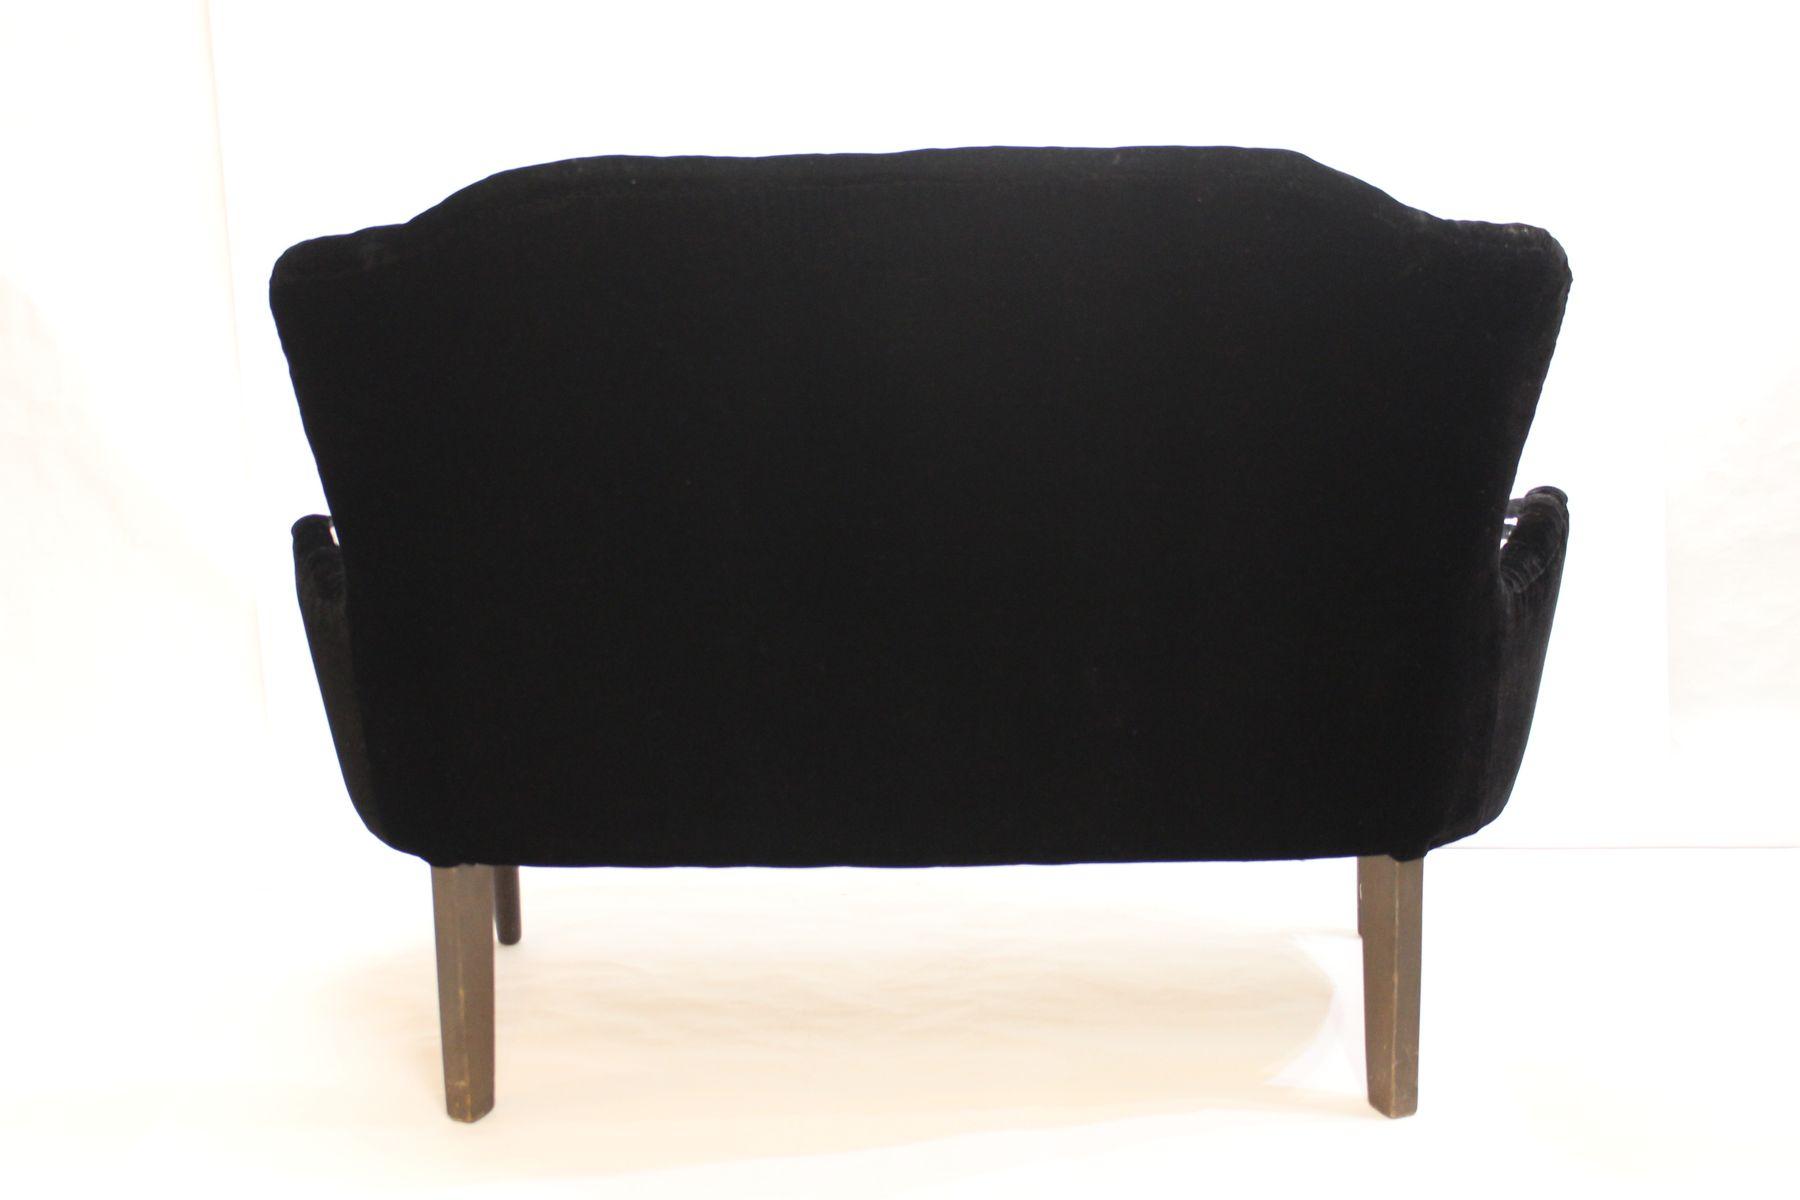 schwedisches vintage sofa bei pamono kaufen. Black Bedroom Furniture Sets. Home Design Ideas